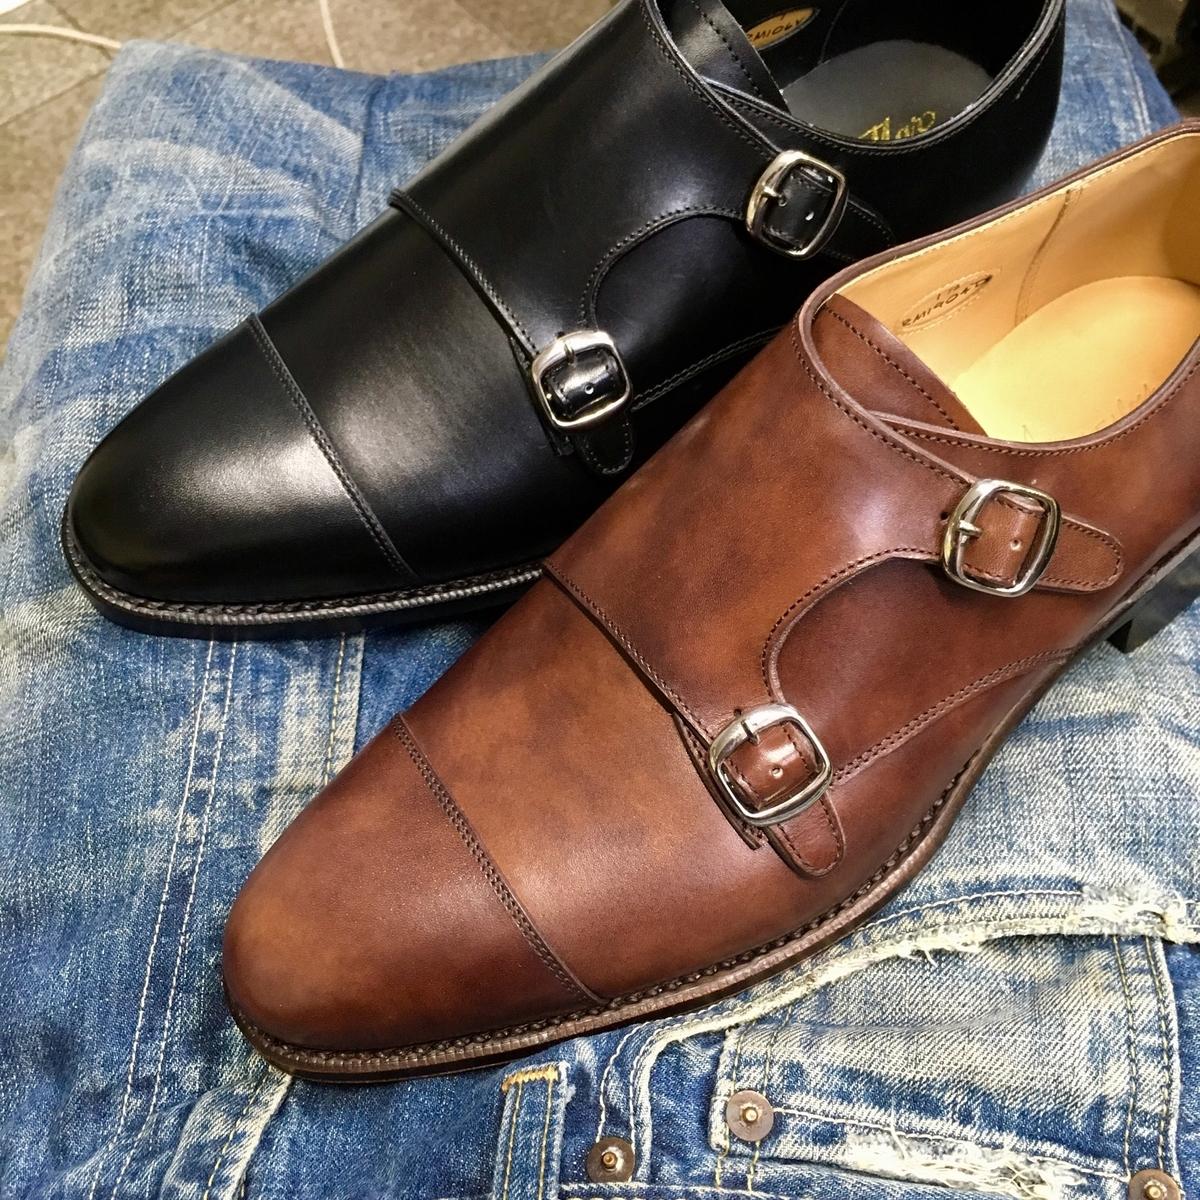 f:id:raymar-shoes:20190823212057j:plain